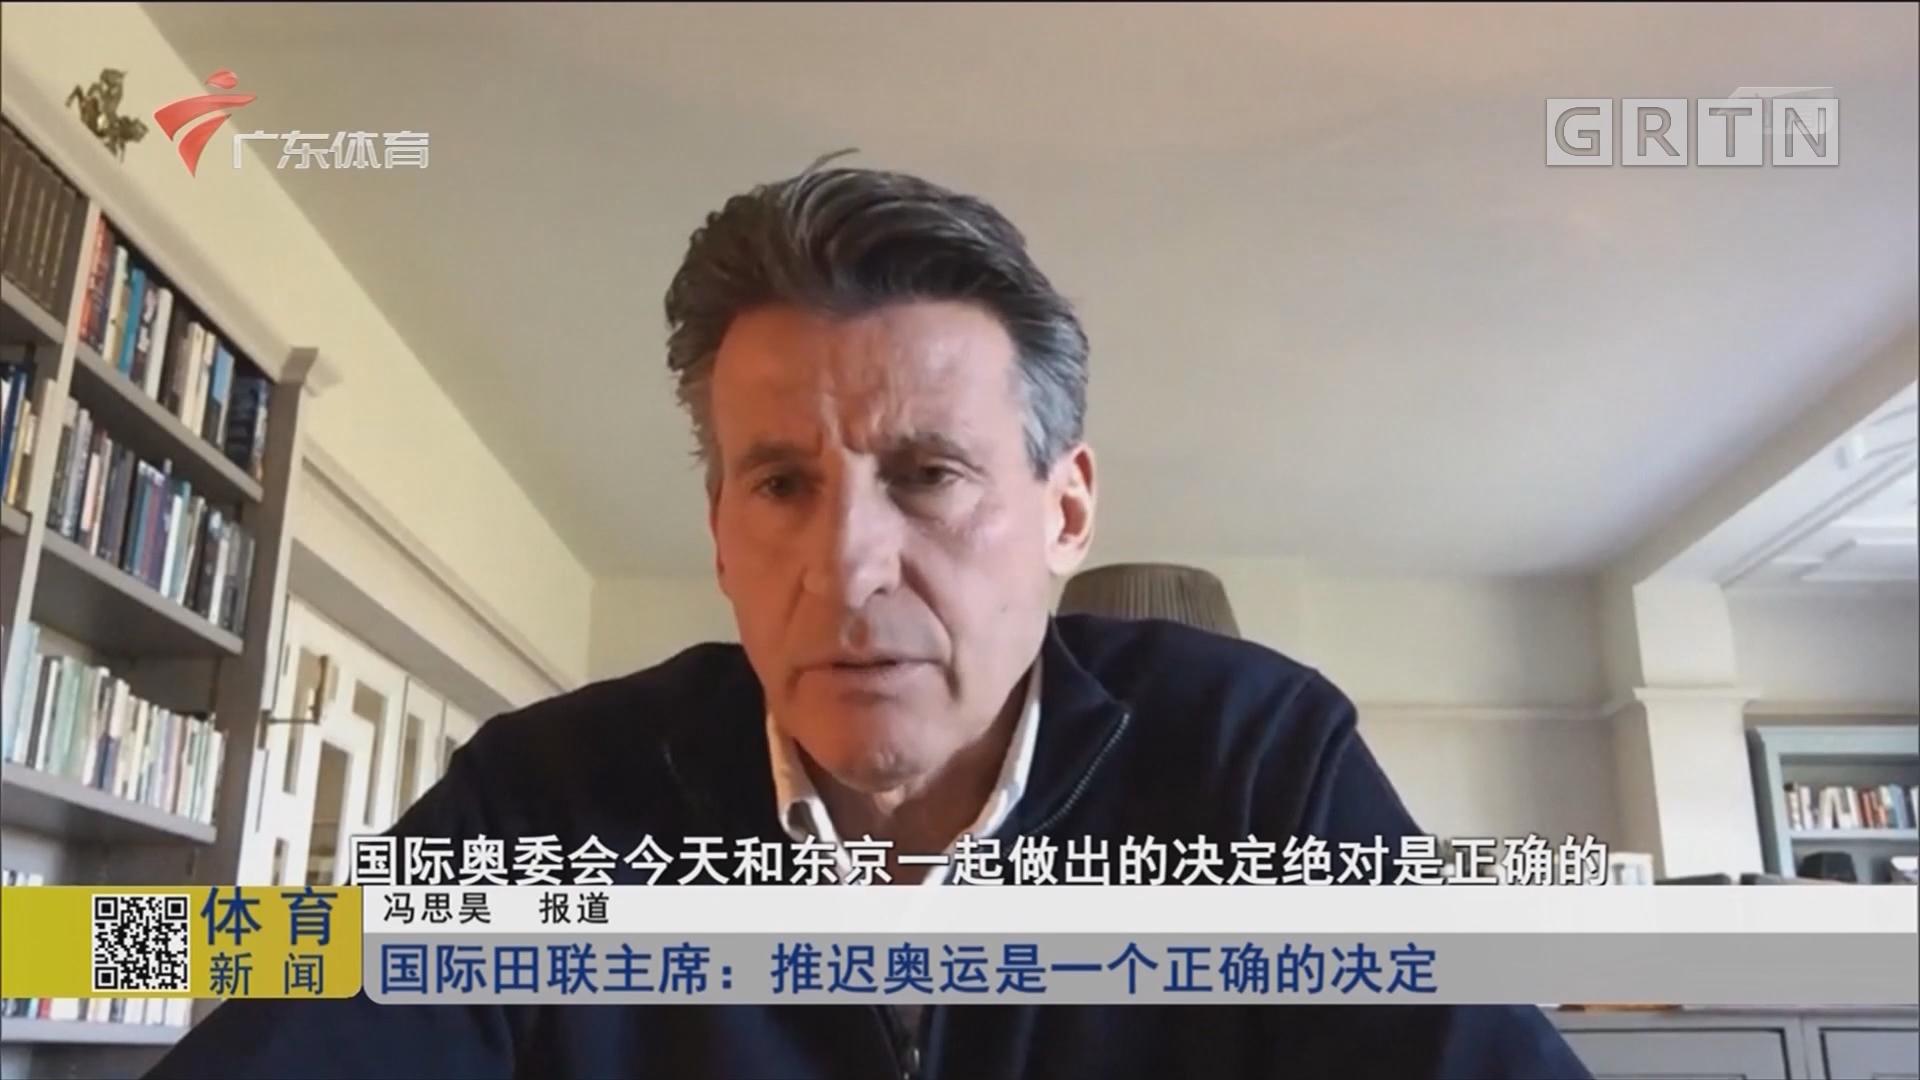 国际田联主席:推迟奥运是一个正确的决定